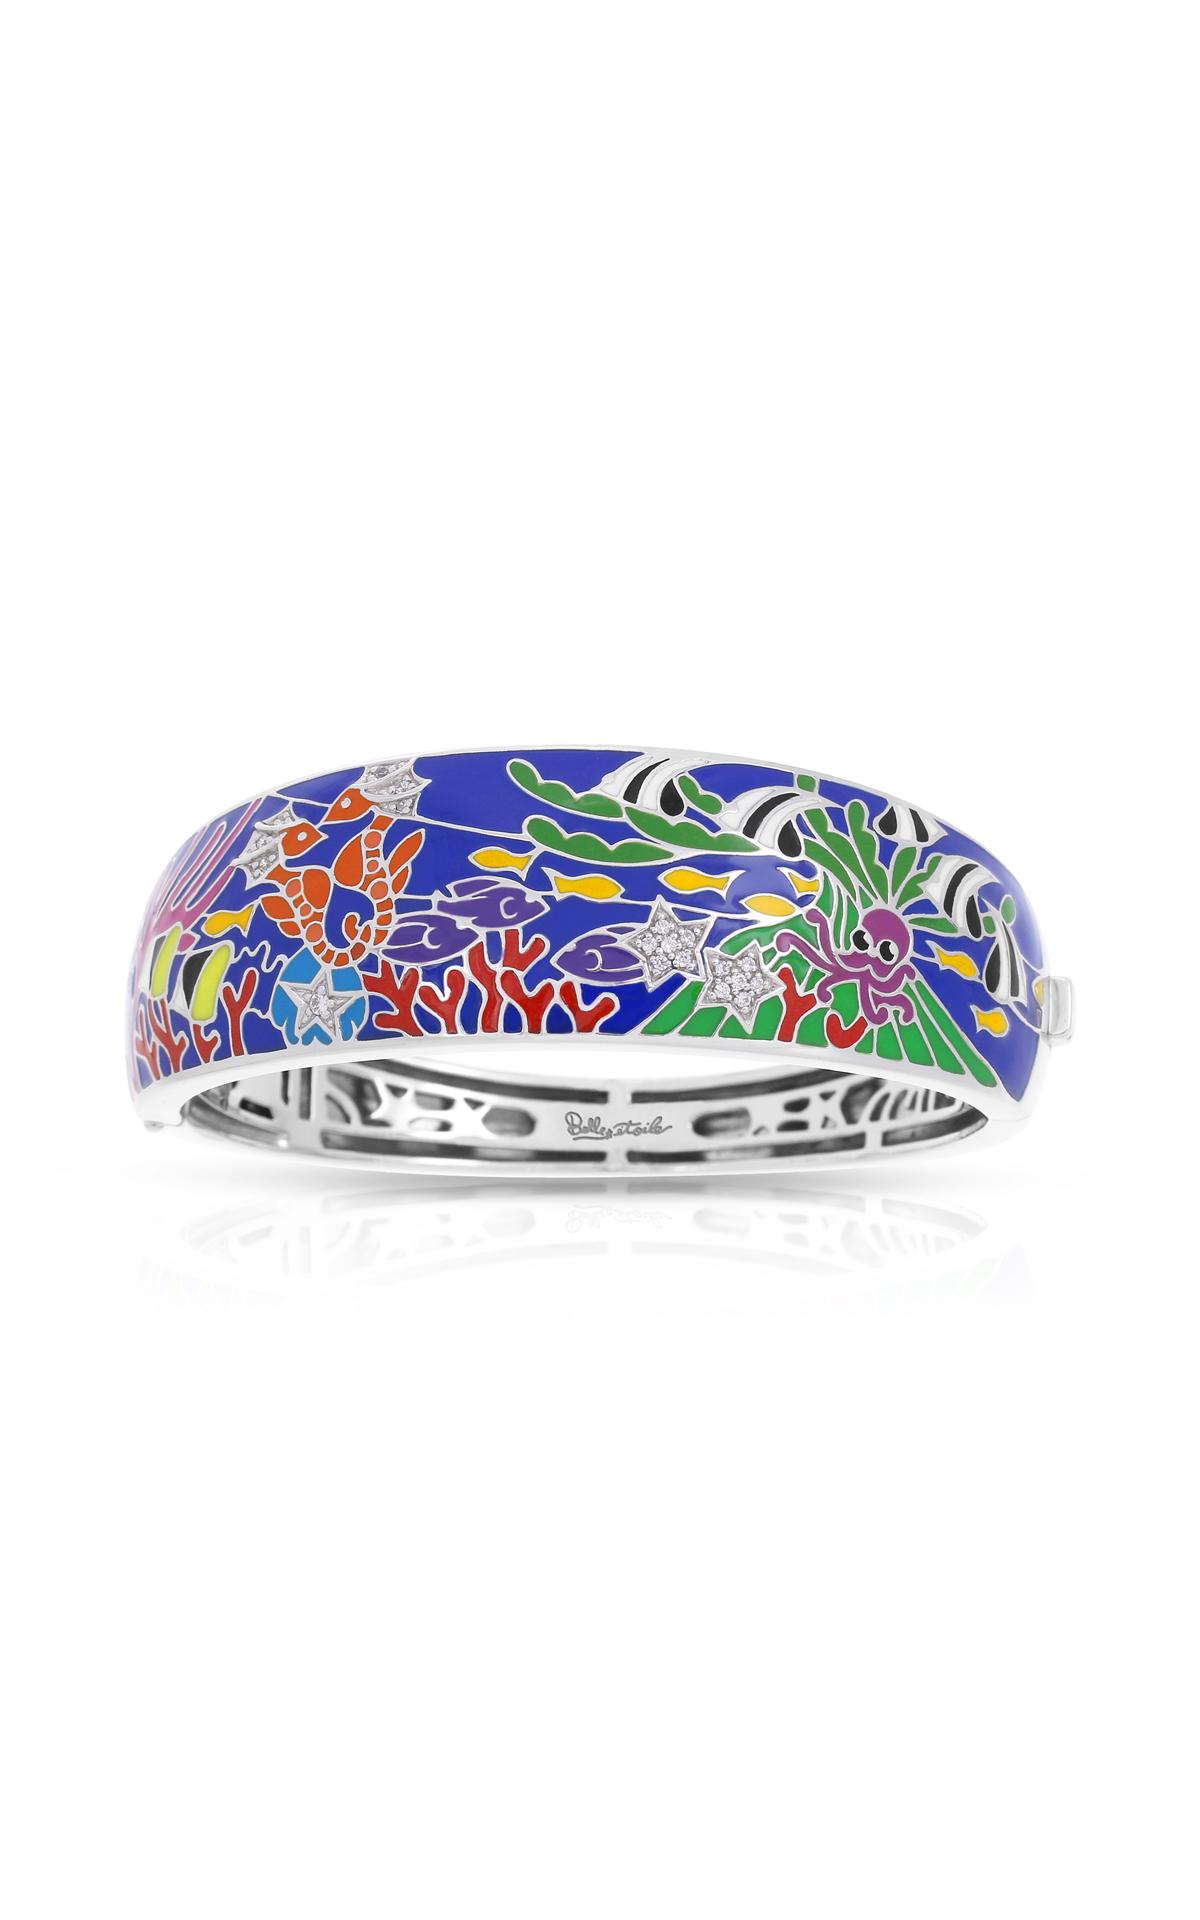 Belle Etoile Seahorse Deep Sea Bracelet 07021710201-L product image